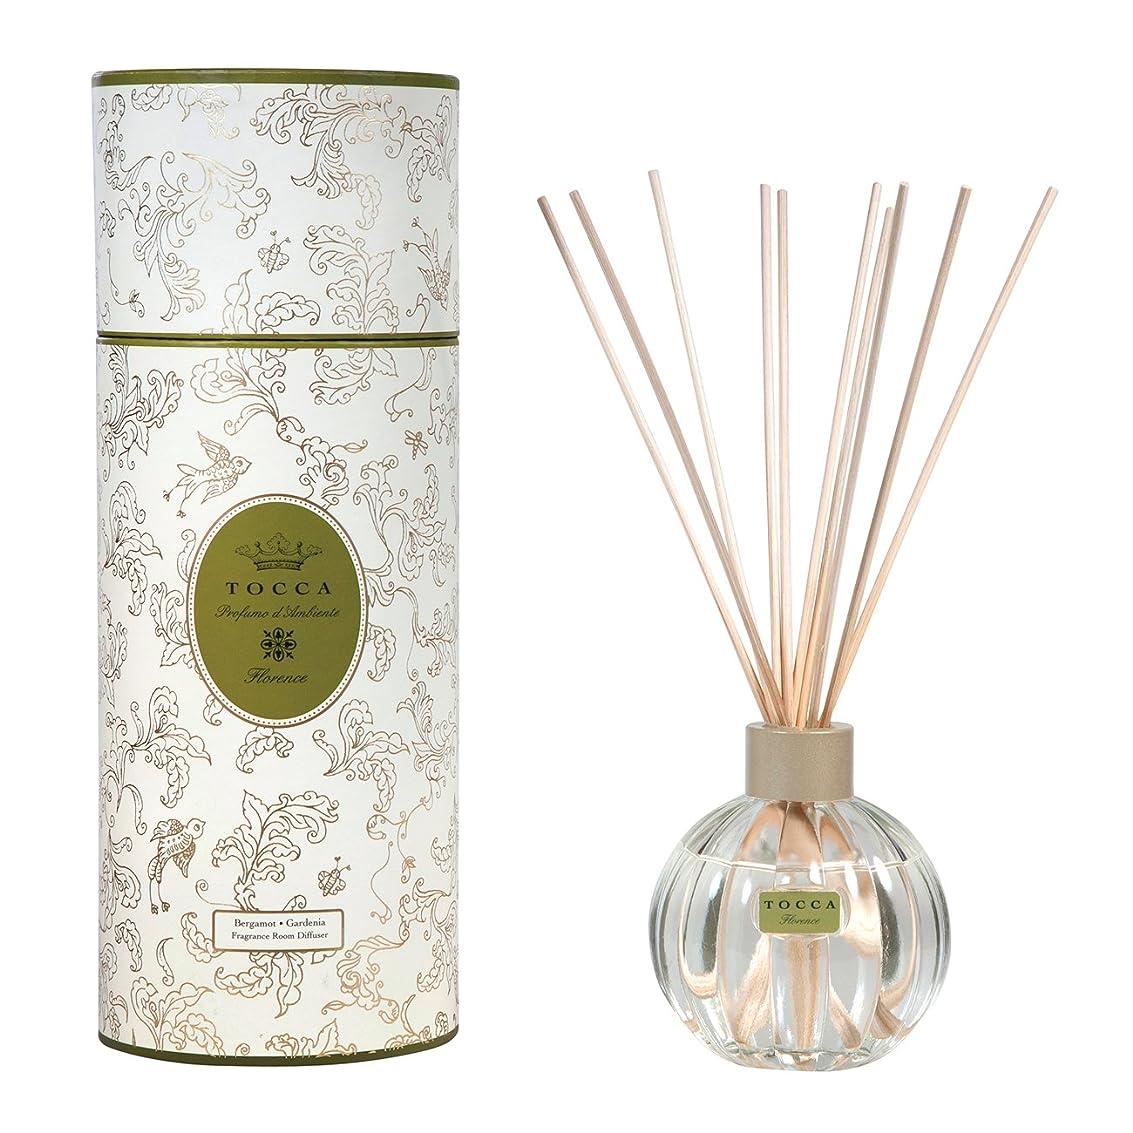 偽王女アクチュエータトッカ(TOCCA) リードディフューザー フローレンスの香り 175ml 3~4ヶ月持続(芳香剤 ルームフレグランス ガーデニアとベルガモットが誘うように溶け合うどこまでも上品なフローラルの香り)